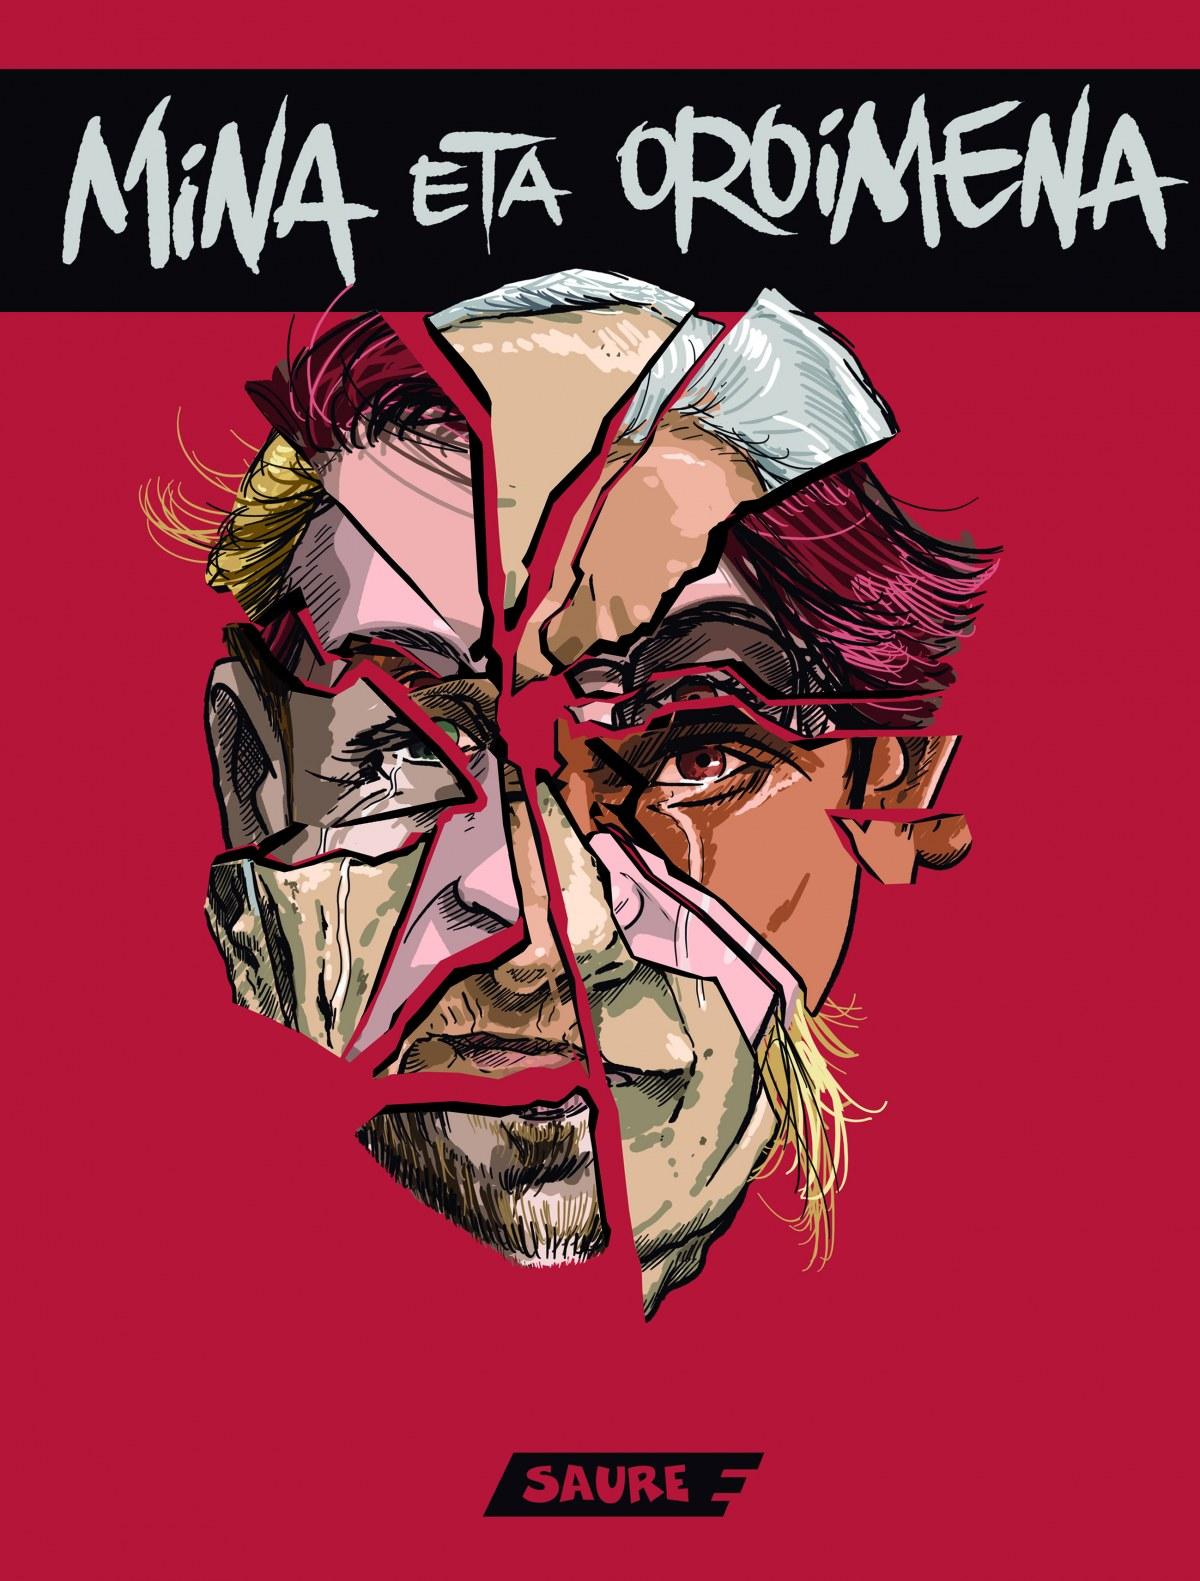 Mina eta oroimena, euskal gatazkari buruzko istorioak komikitan